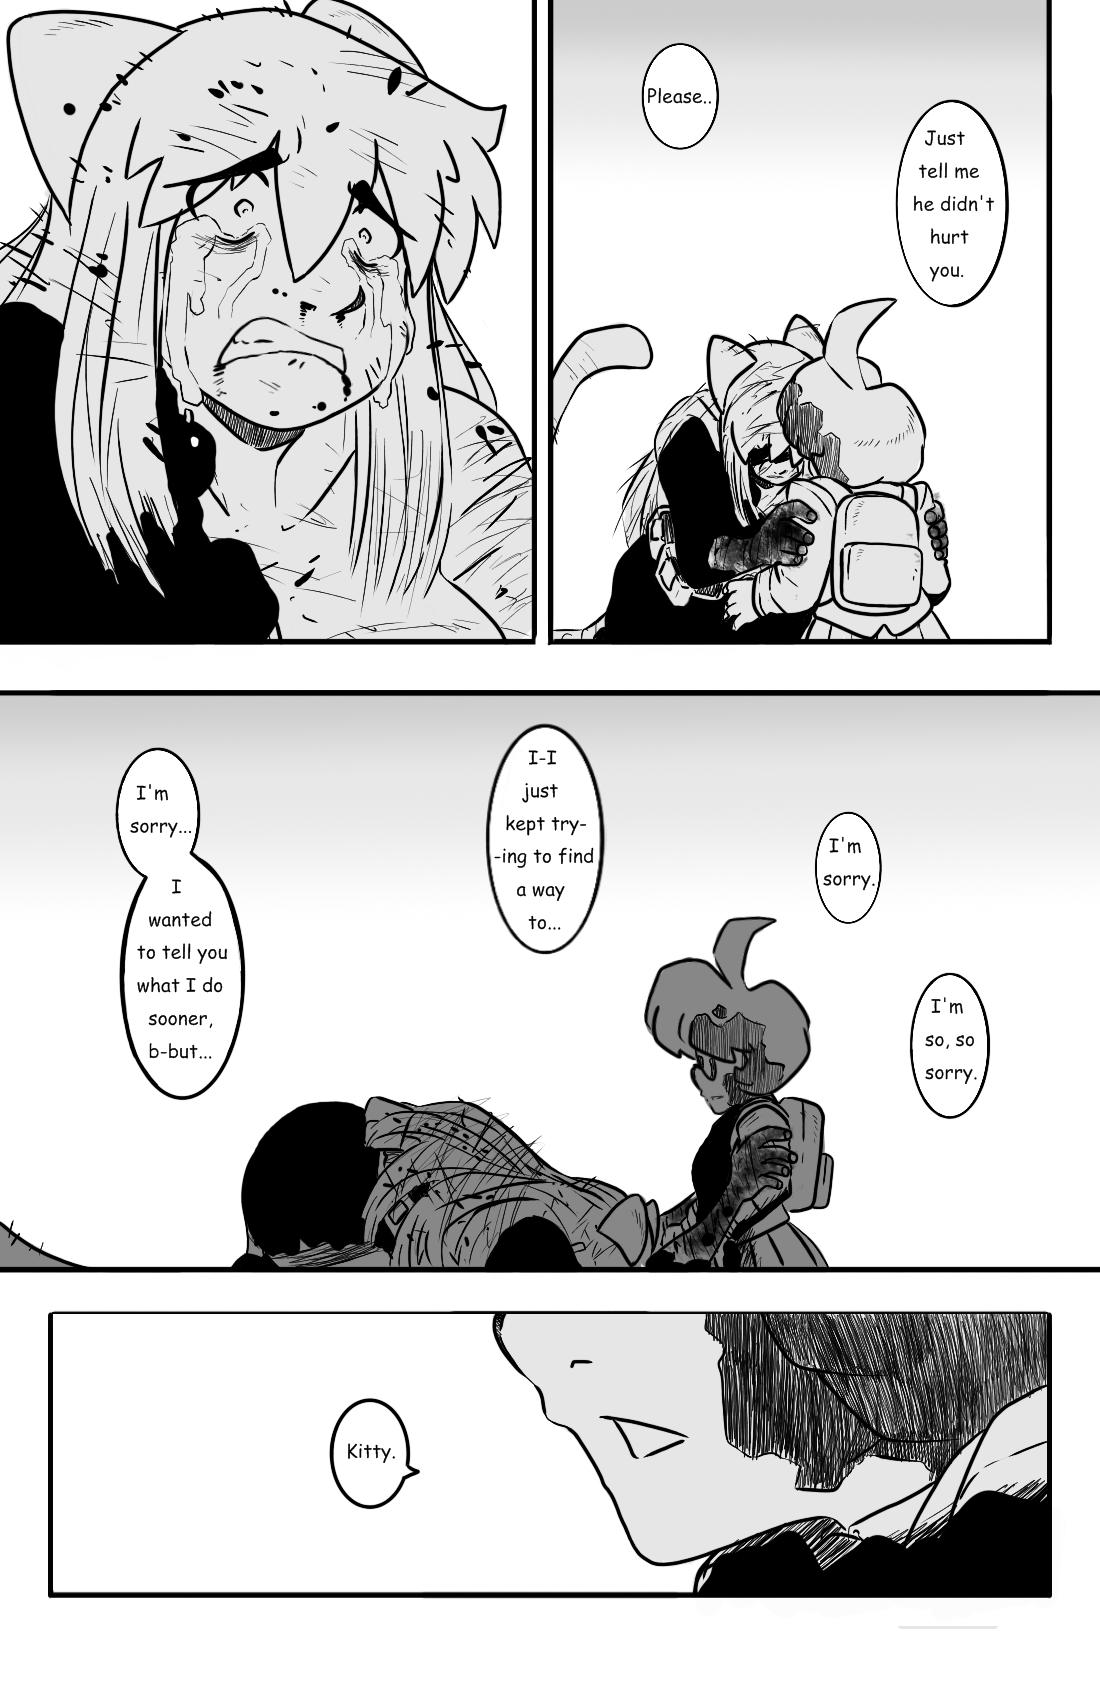 Bad Moon Rising Part 2 pg.54